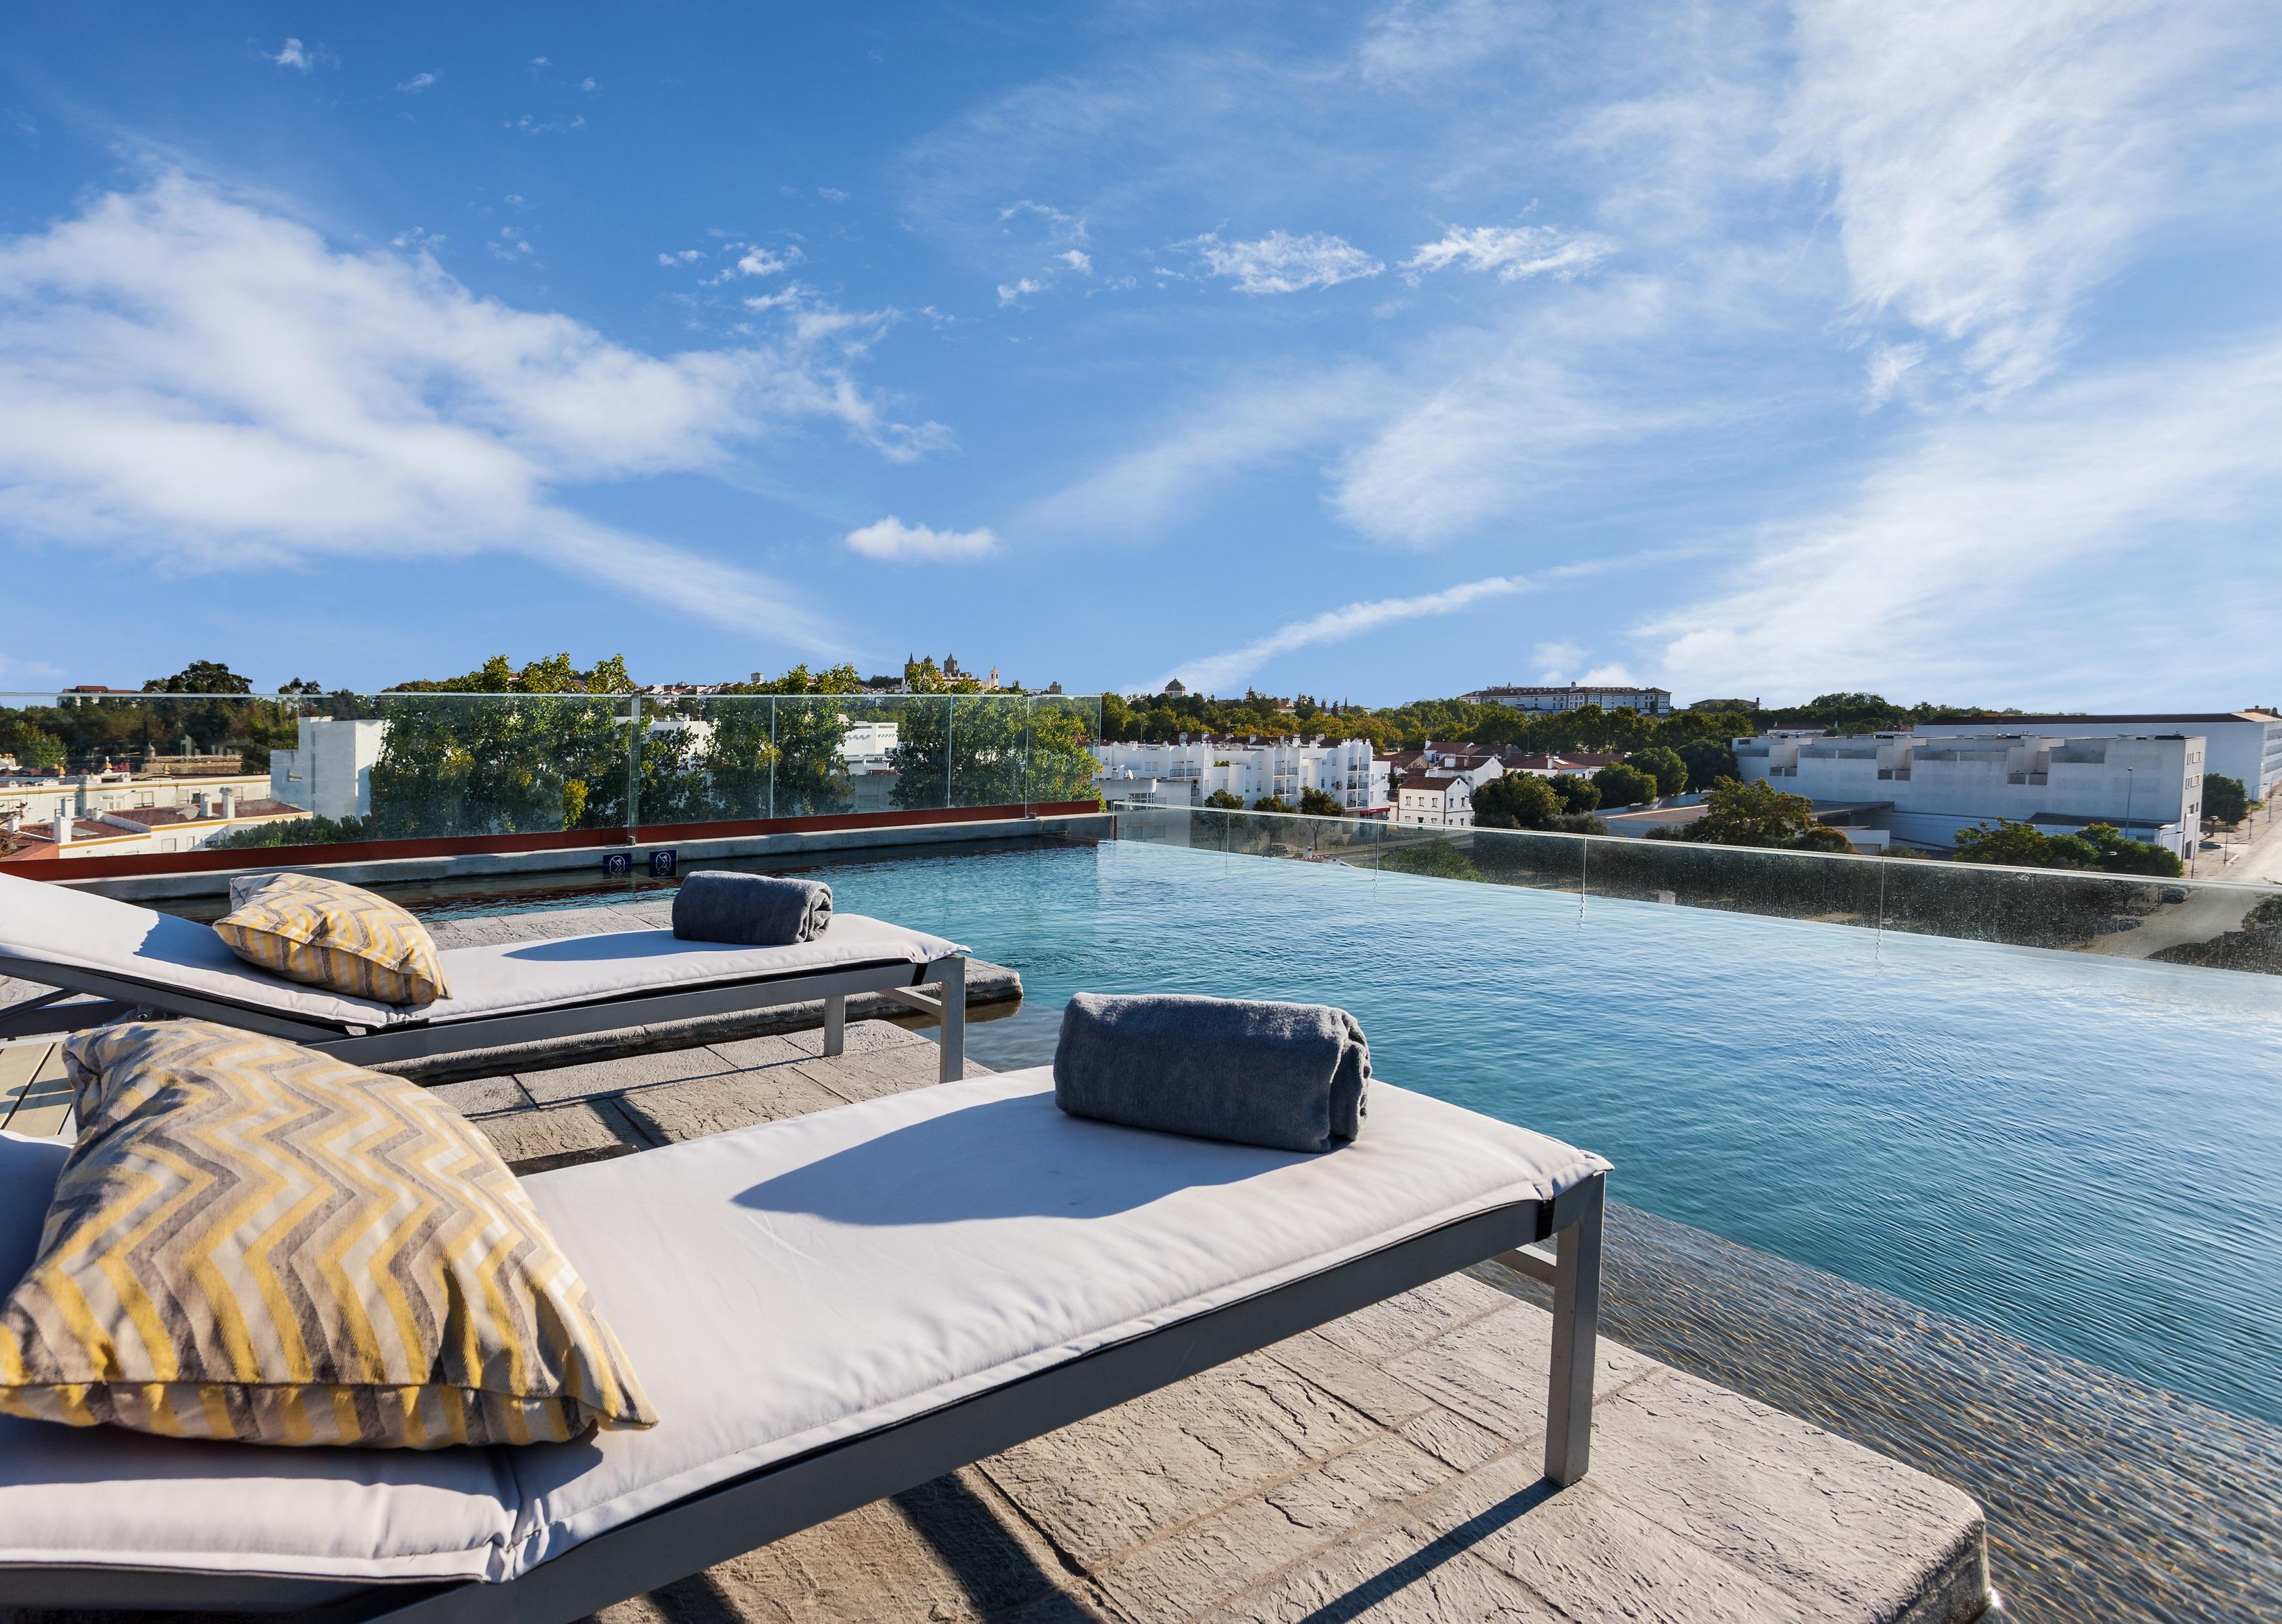 Vitoria Stone Hotel - Alentejo Experience